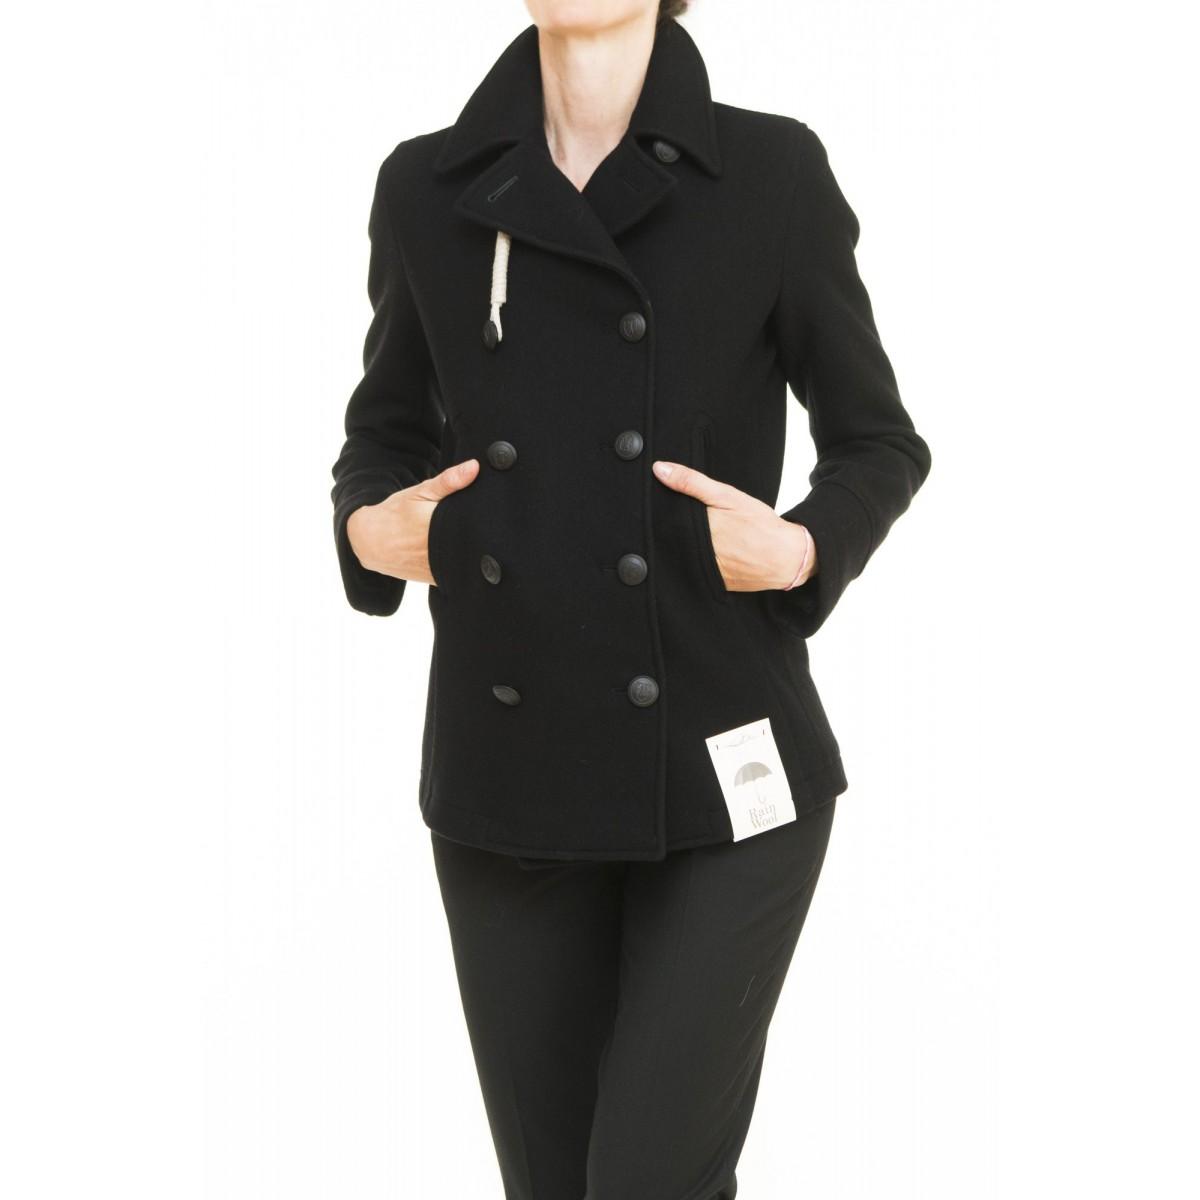 Cappotto Camplin - Miss navy picot shettland lana idrorepellente